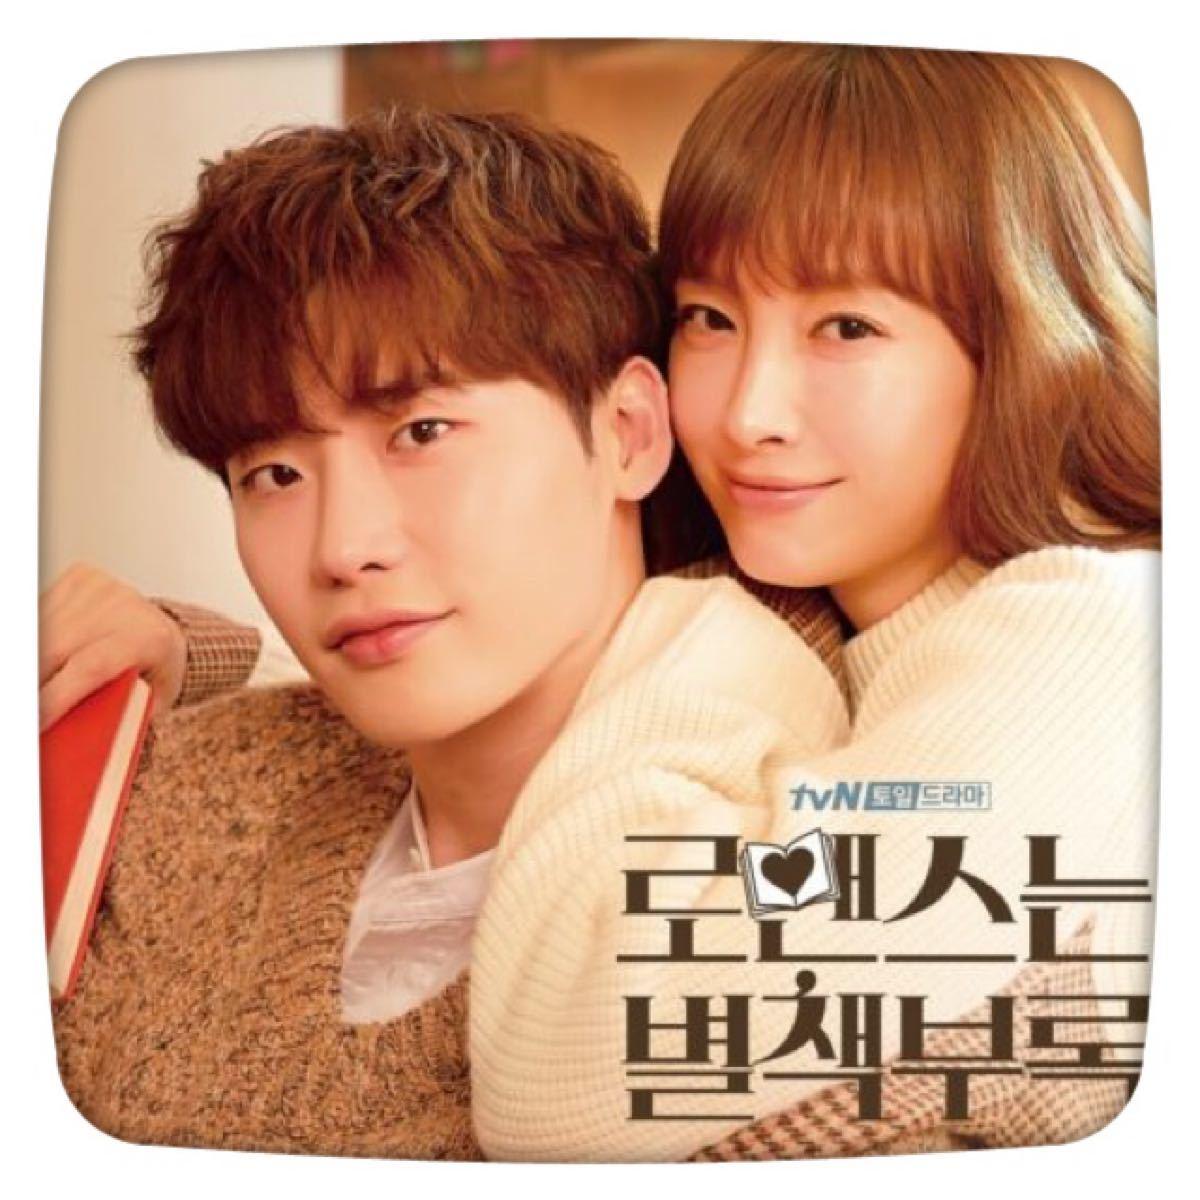 【ロマンスは別冊付録】Blu-ray 韓国ドラマ 韓流